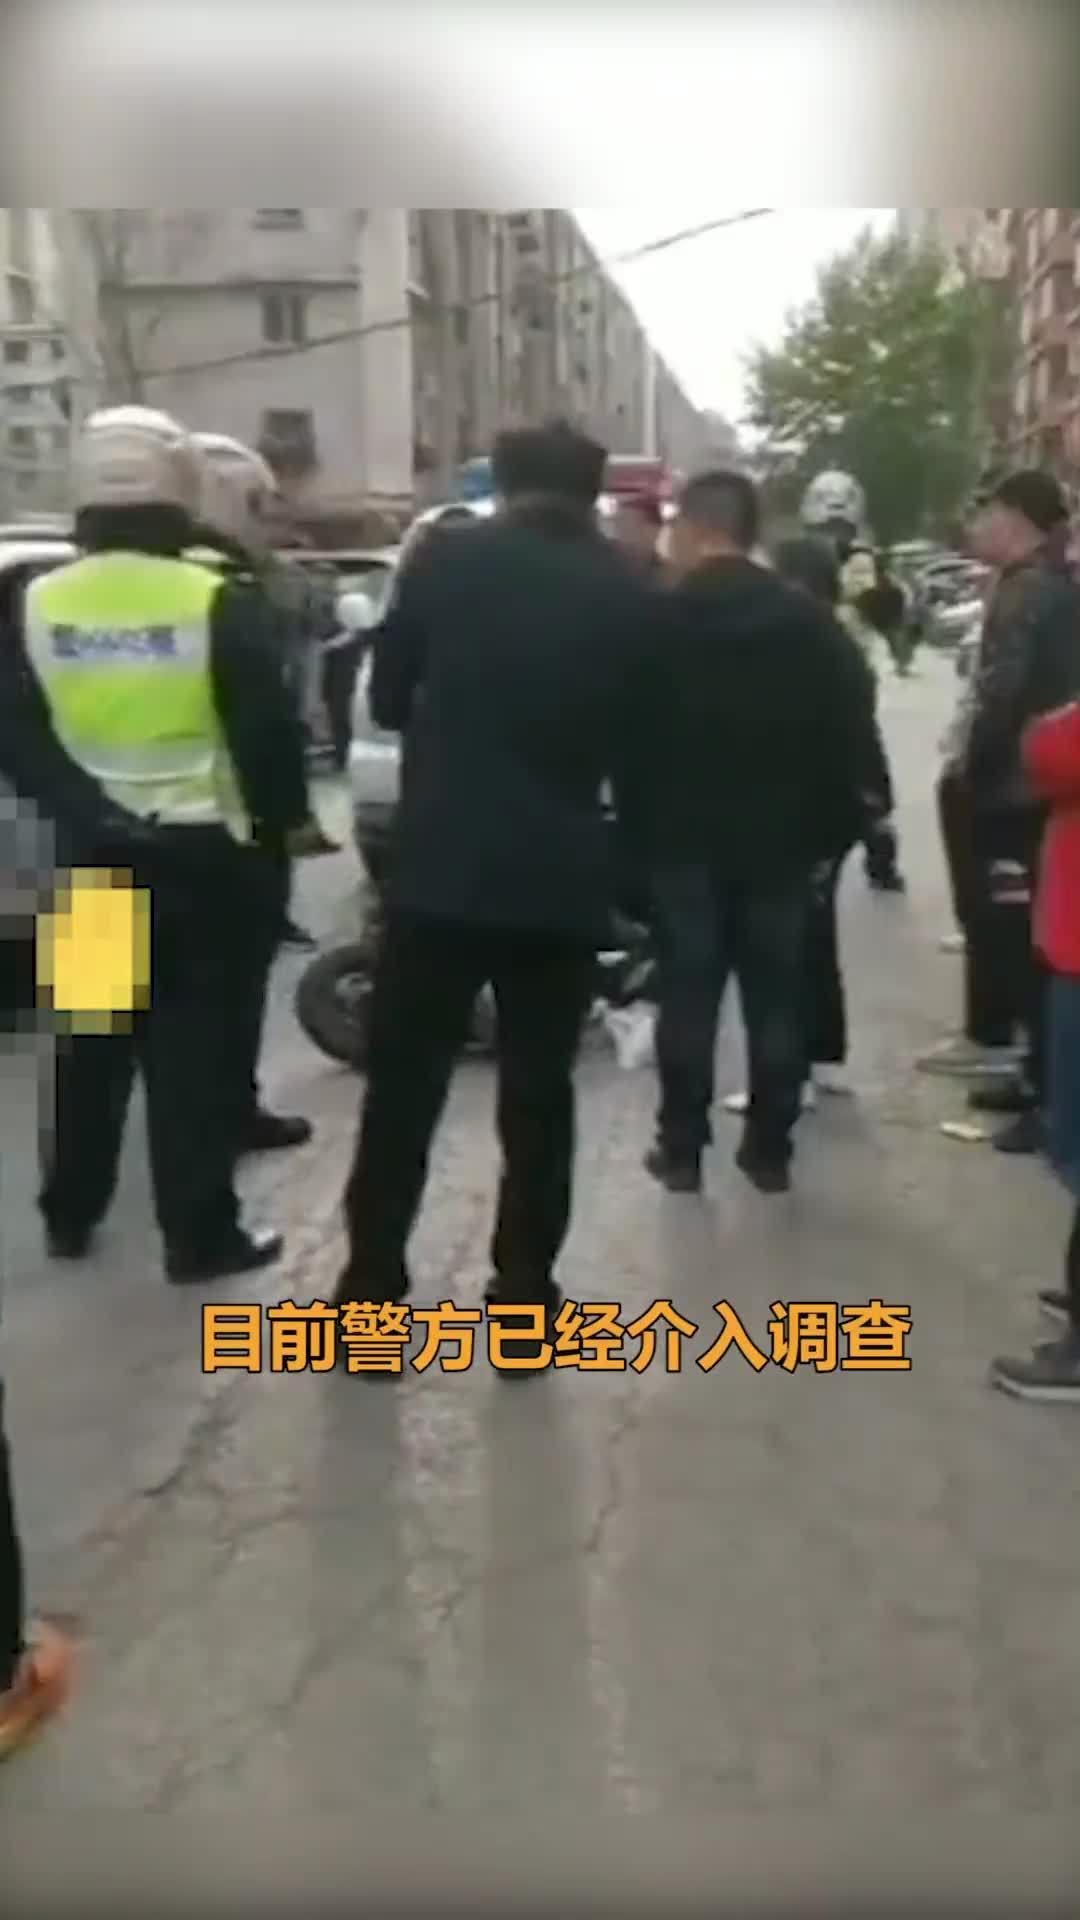 女子刮蹭奔驰后遭两男子掌掴,鼻子流血不止,警方已介入处理!